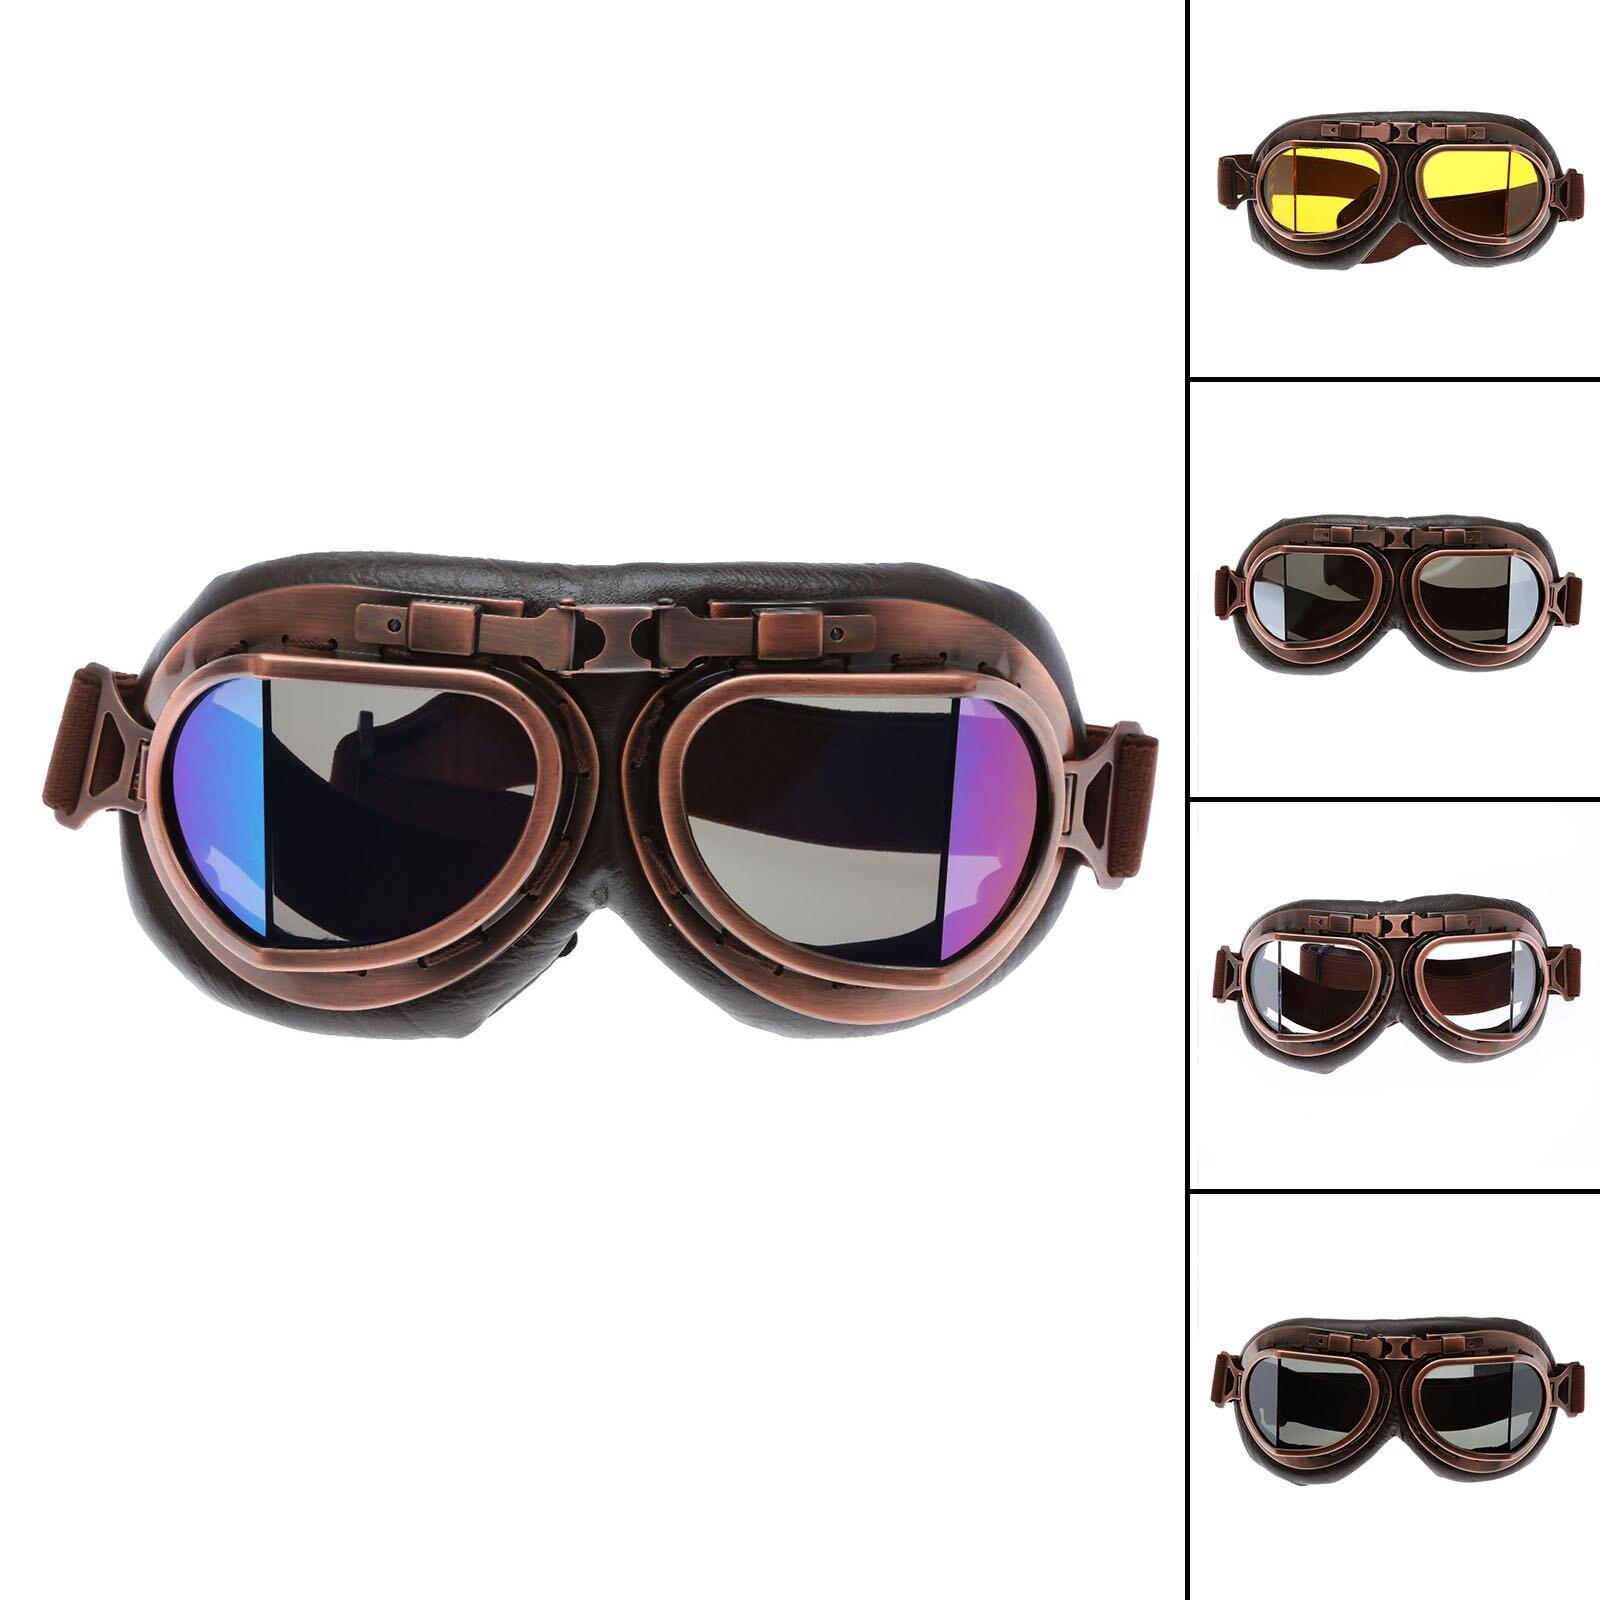 Motorrad Brille Gläser Vintage Motocross Klassische Brille Retro Aviator Pilot Cruiser Steampunk ATV Bike UV Schutz Kupfer